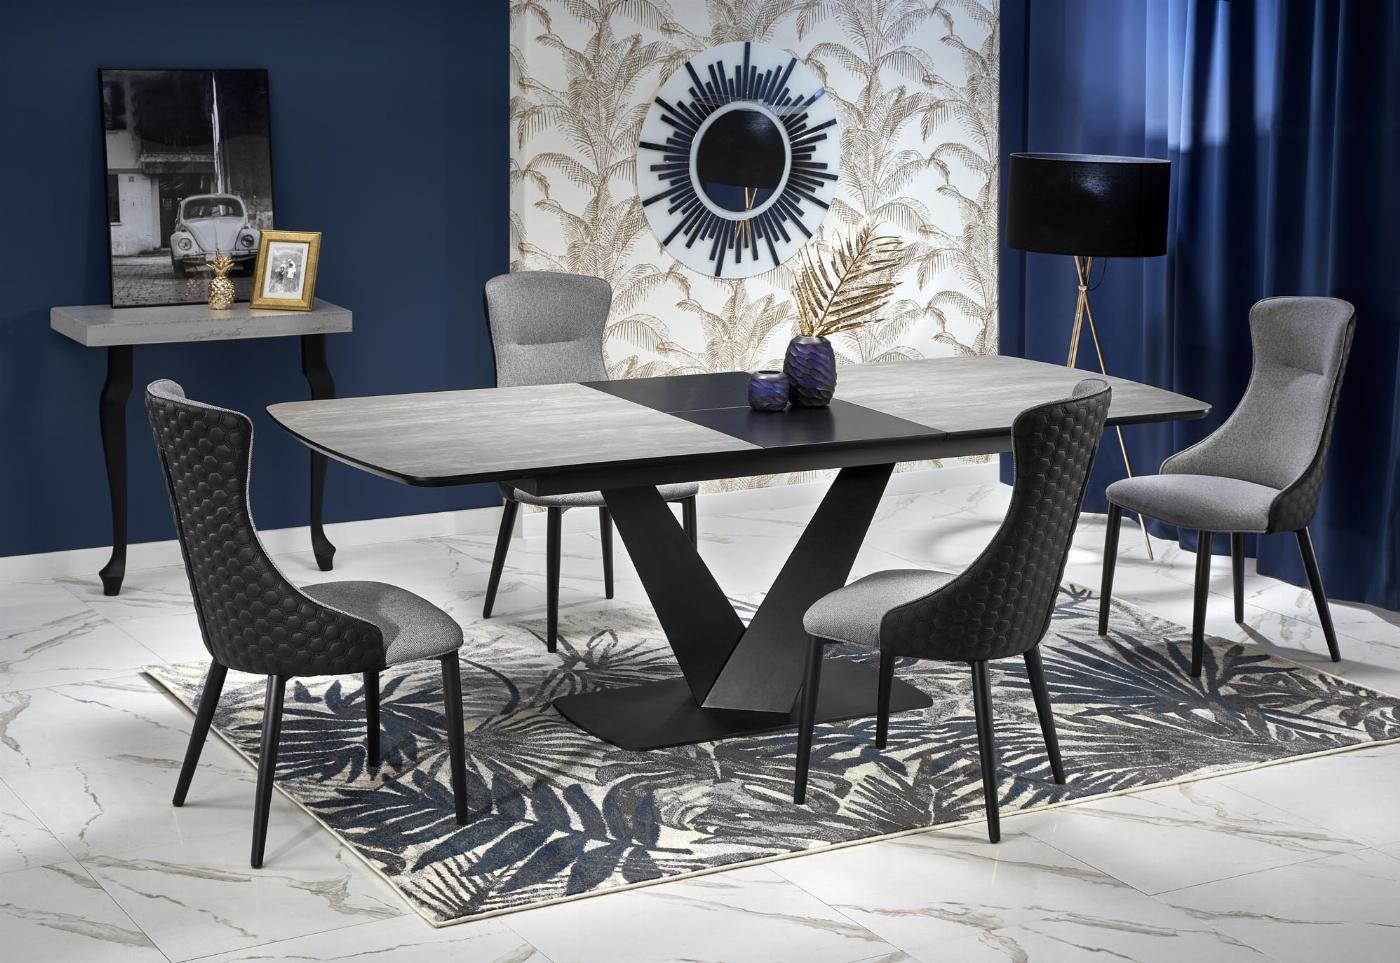 VINSTON stół rozkładany, blat - ciemny popiel / czarny, nogi - czarny